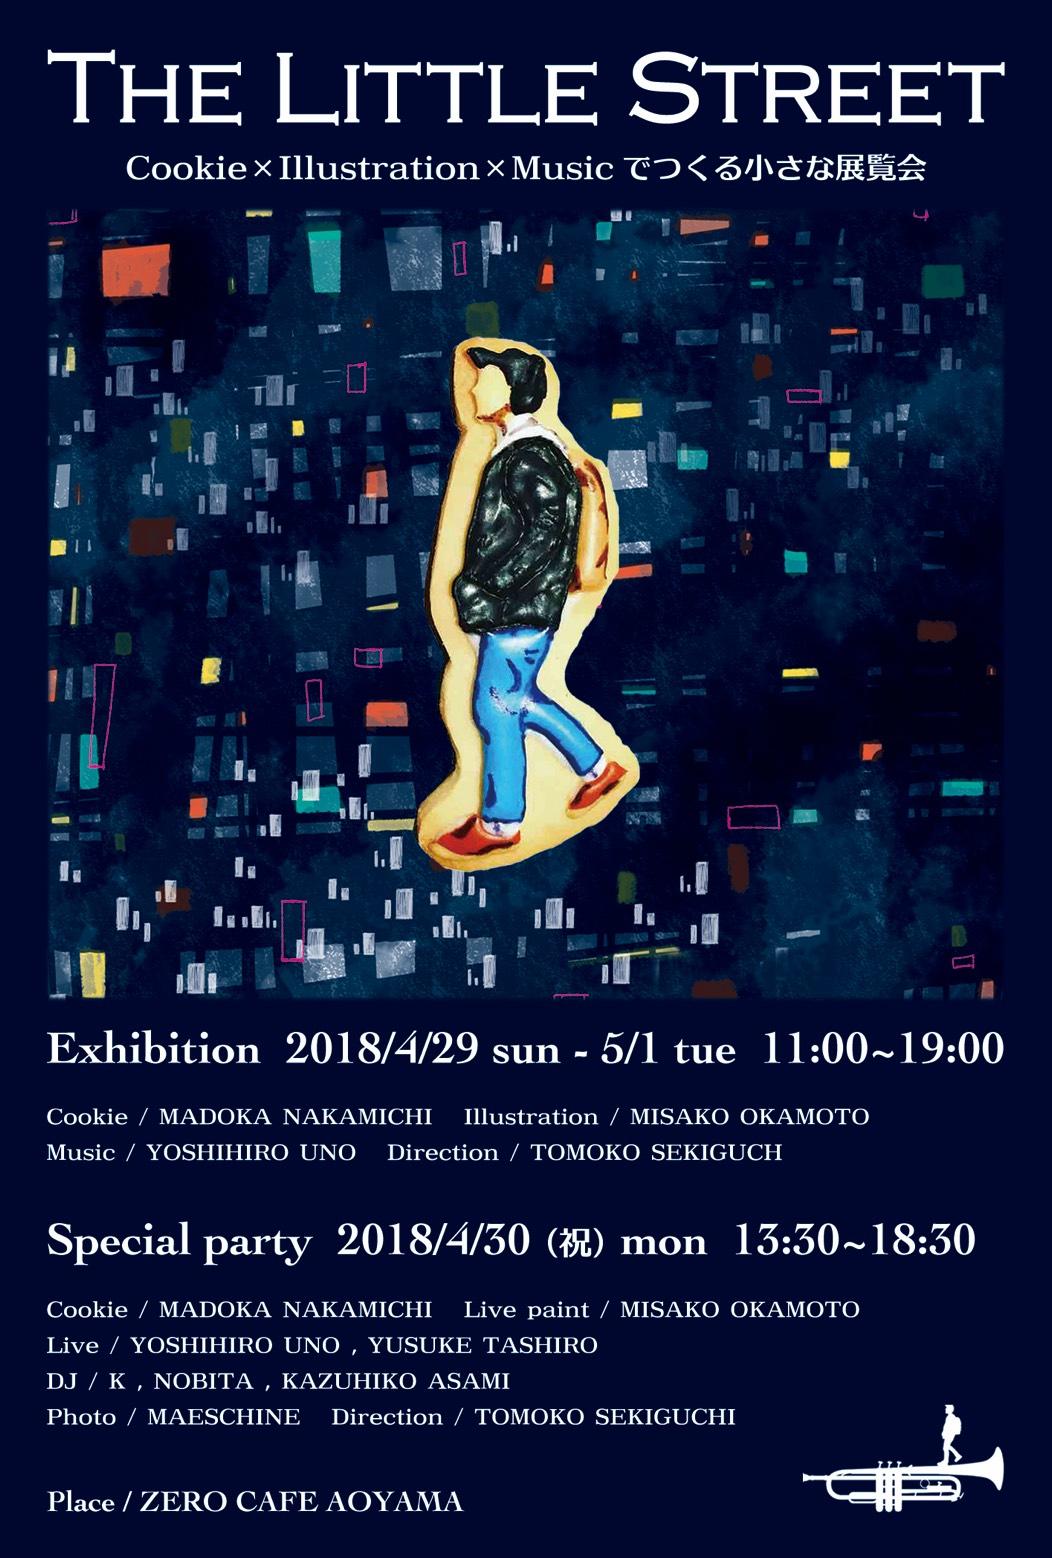 [無料展示]4/29〜5/1  ジャズミュージシャン、イラストレーター、クッキー作家が渋谷の街を切り抜く。「THE LITTLE STREET展」開催。